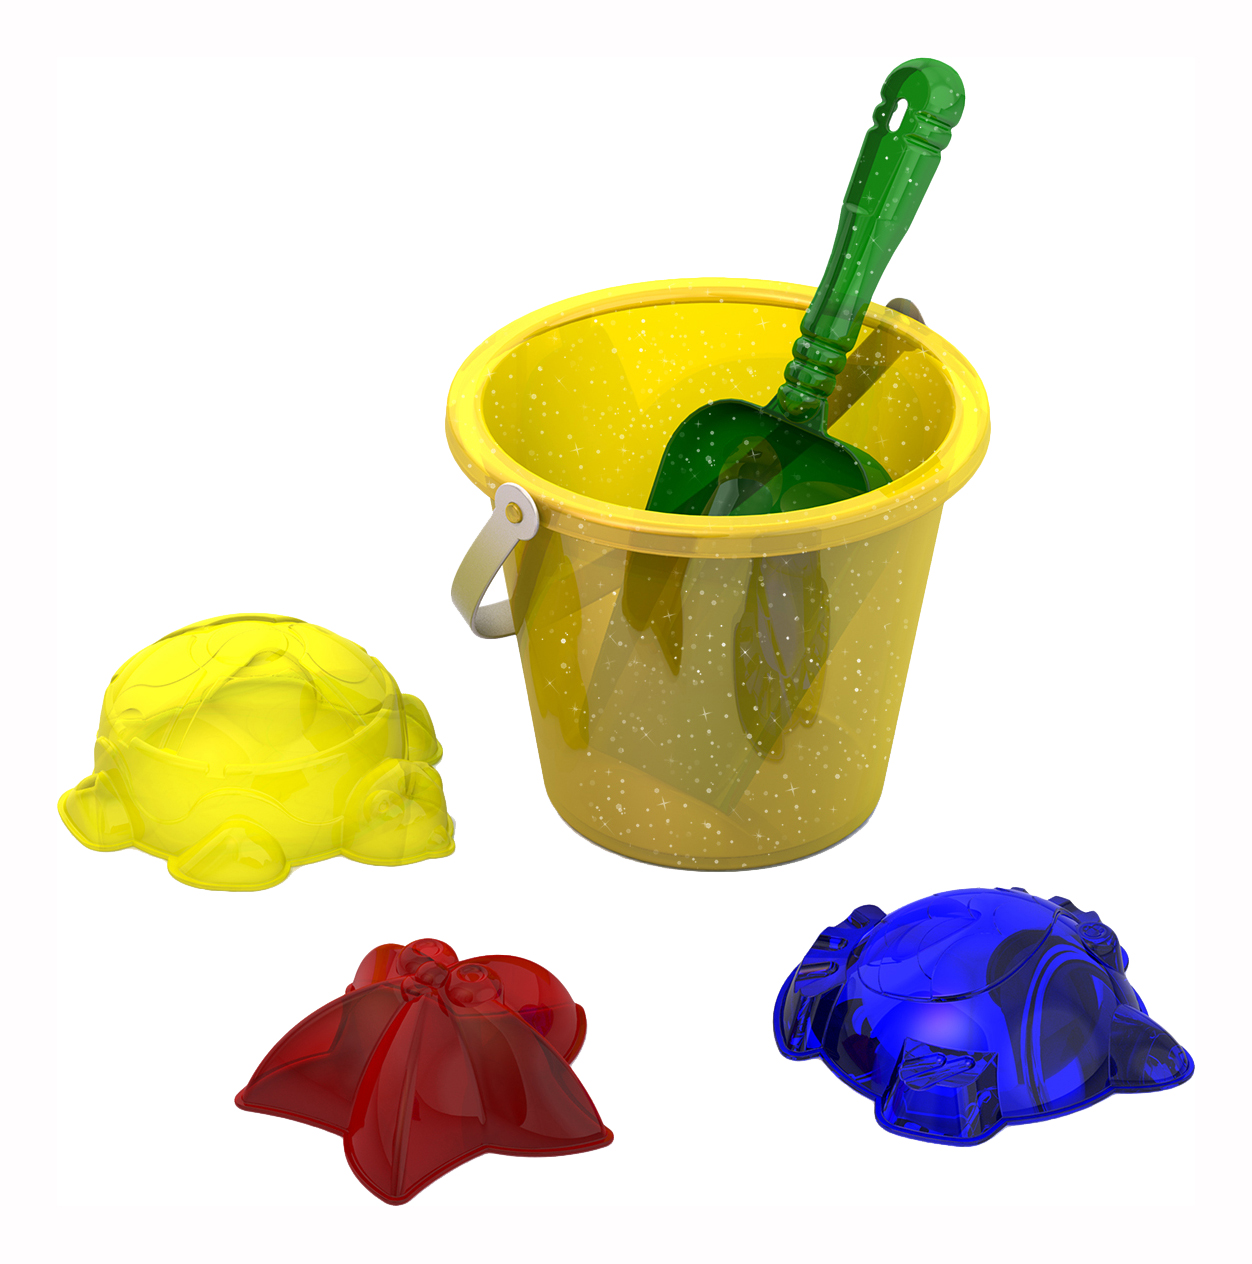 Купить Набор для песка №122, Набор для песка №122 прозрачный (111, 029 (3 шт), 004), НОРДПЛАСТ, Песочные наборы